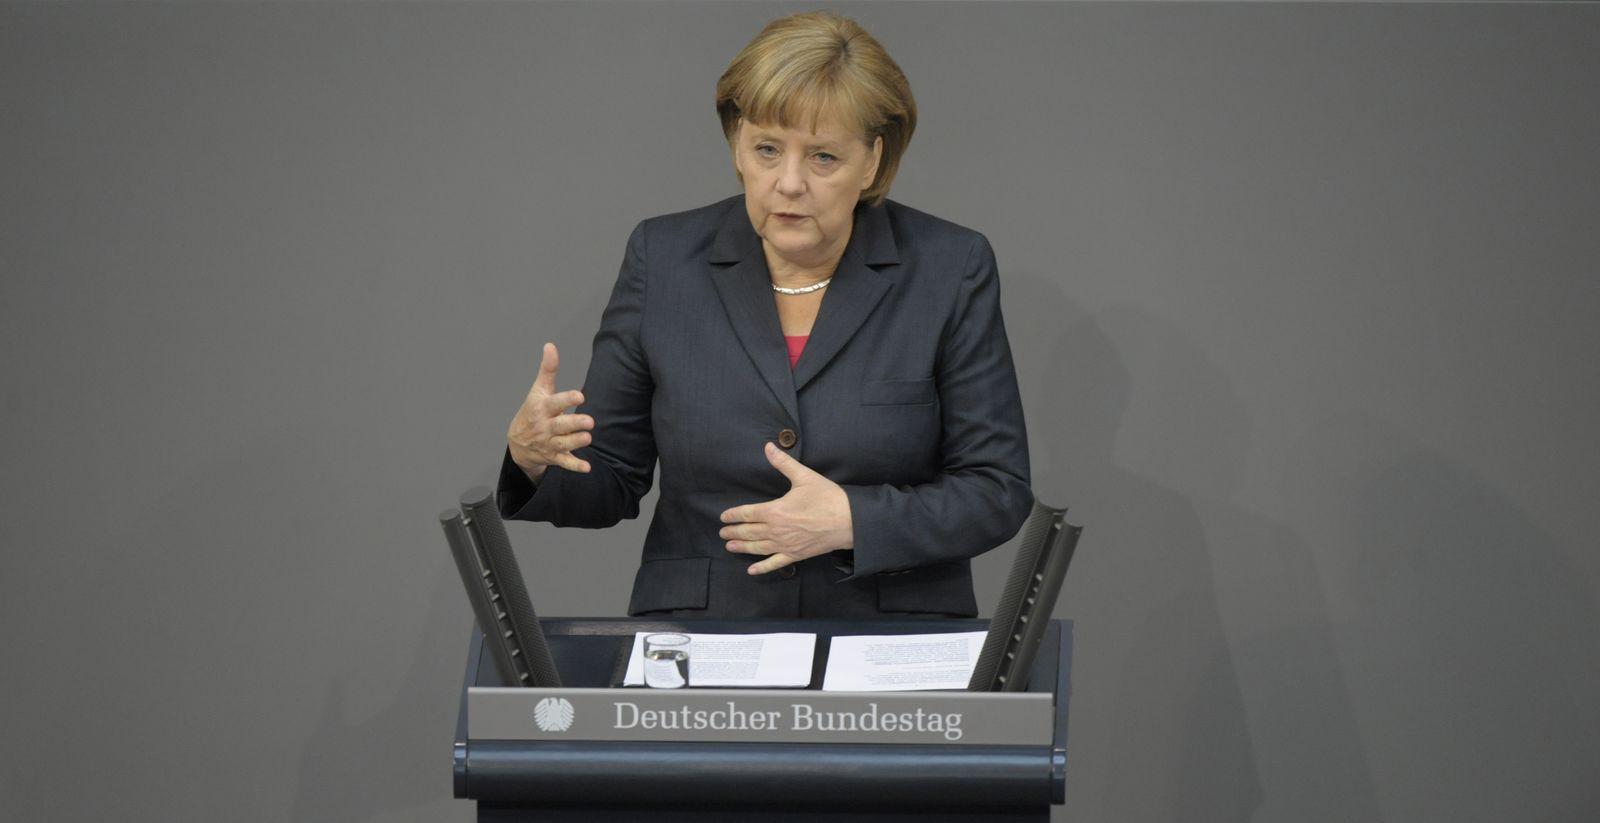 NICHT VERWENDEN Merkel / Regierungserklärung